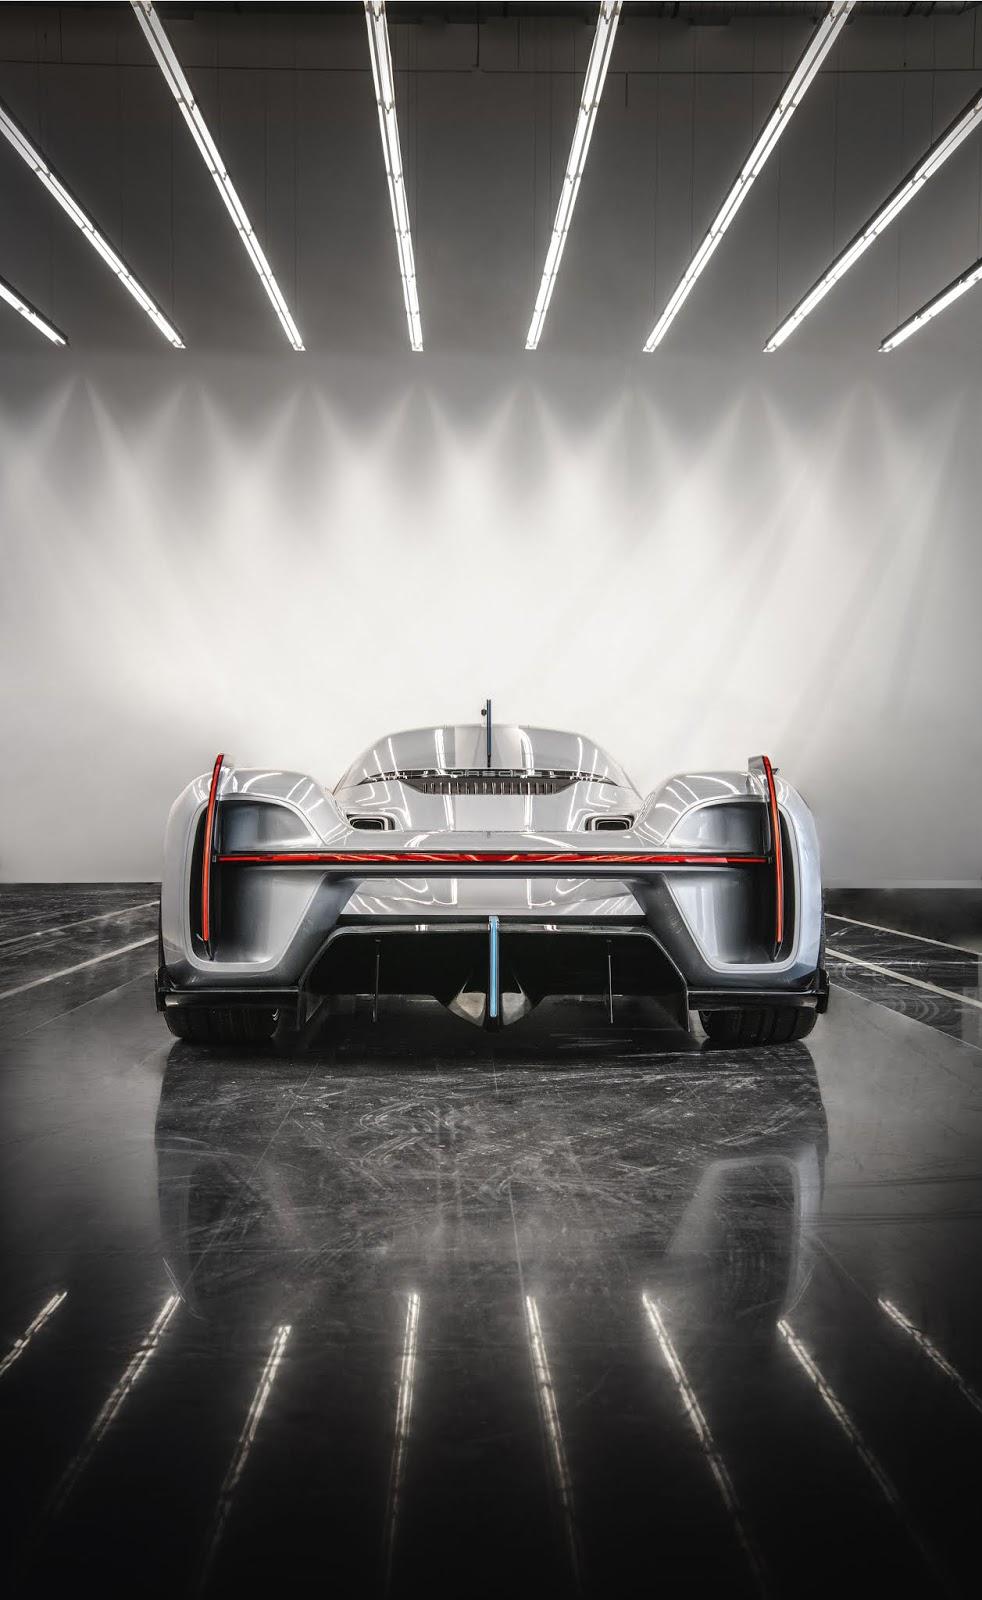 CUR7496 1 6cm final Τα άγνωστα Hypercars της Porsche hypercar, Porsche, Porsche Unseen, Sunday, supercar, supercars, zblog, ειδήσεις